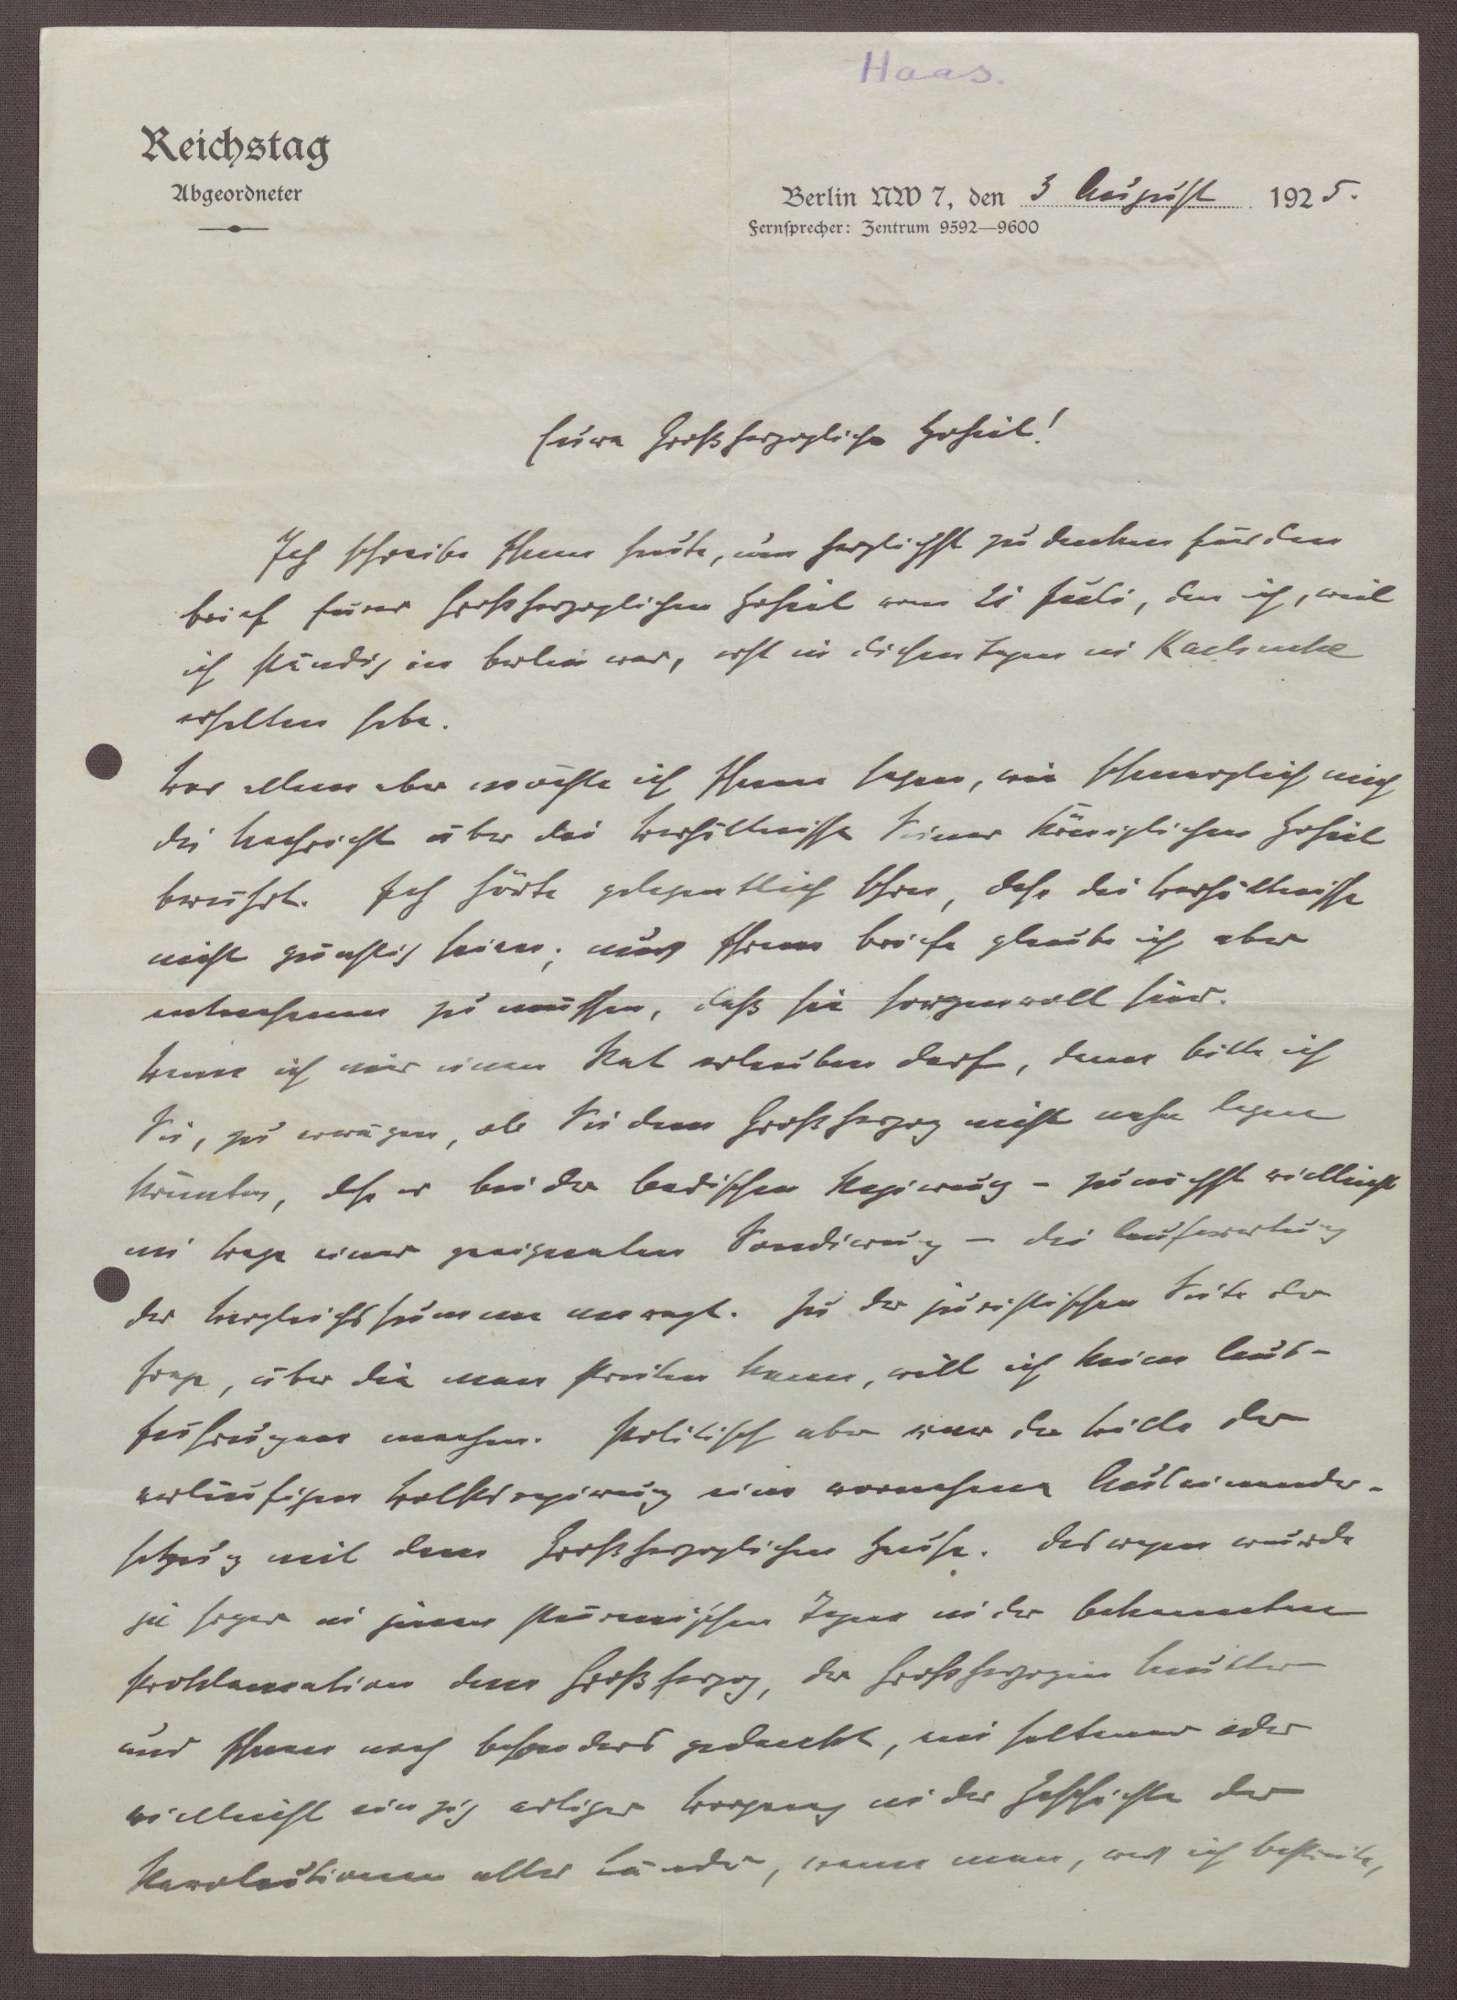 Schreiben von Ludwig Haas an Prinz Max von Baden; Ausgleichsverhandlungen bzgl. der Fürstenabfindung zwischen dem Land Baden und Großherzog Friedrich II., Bild 1